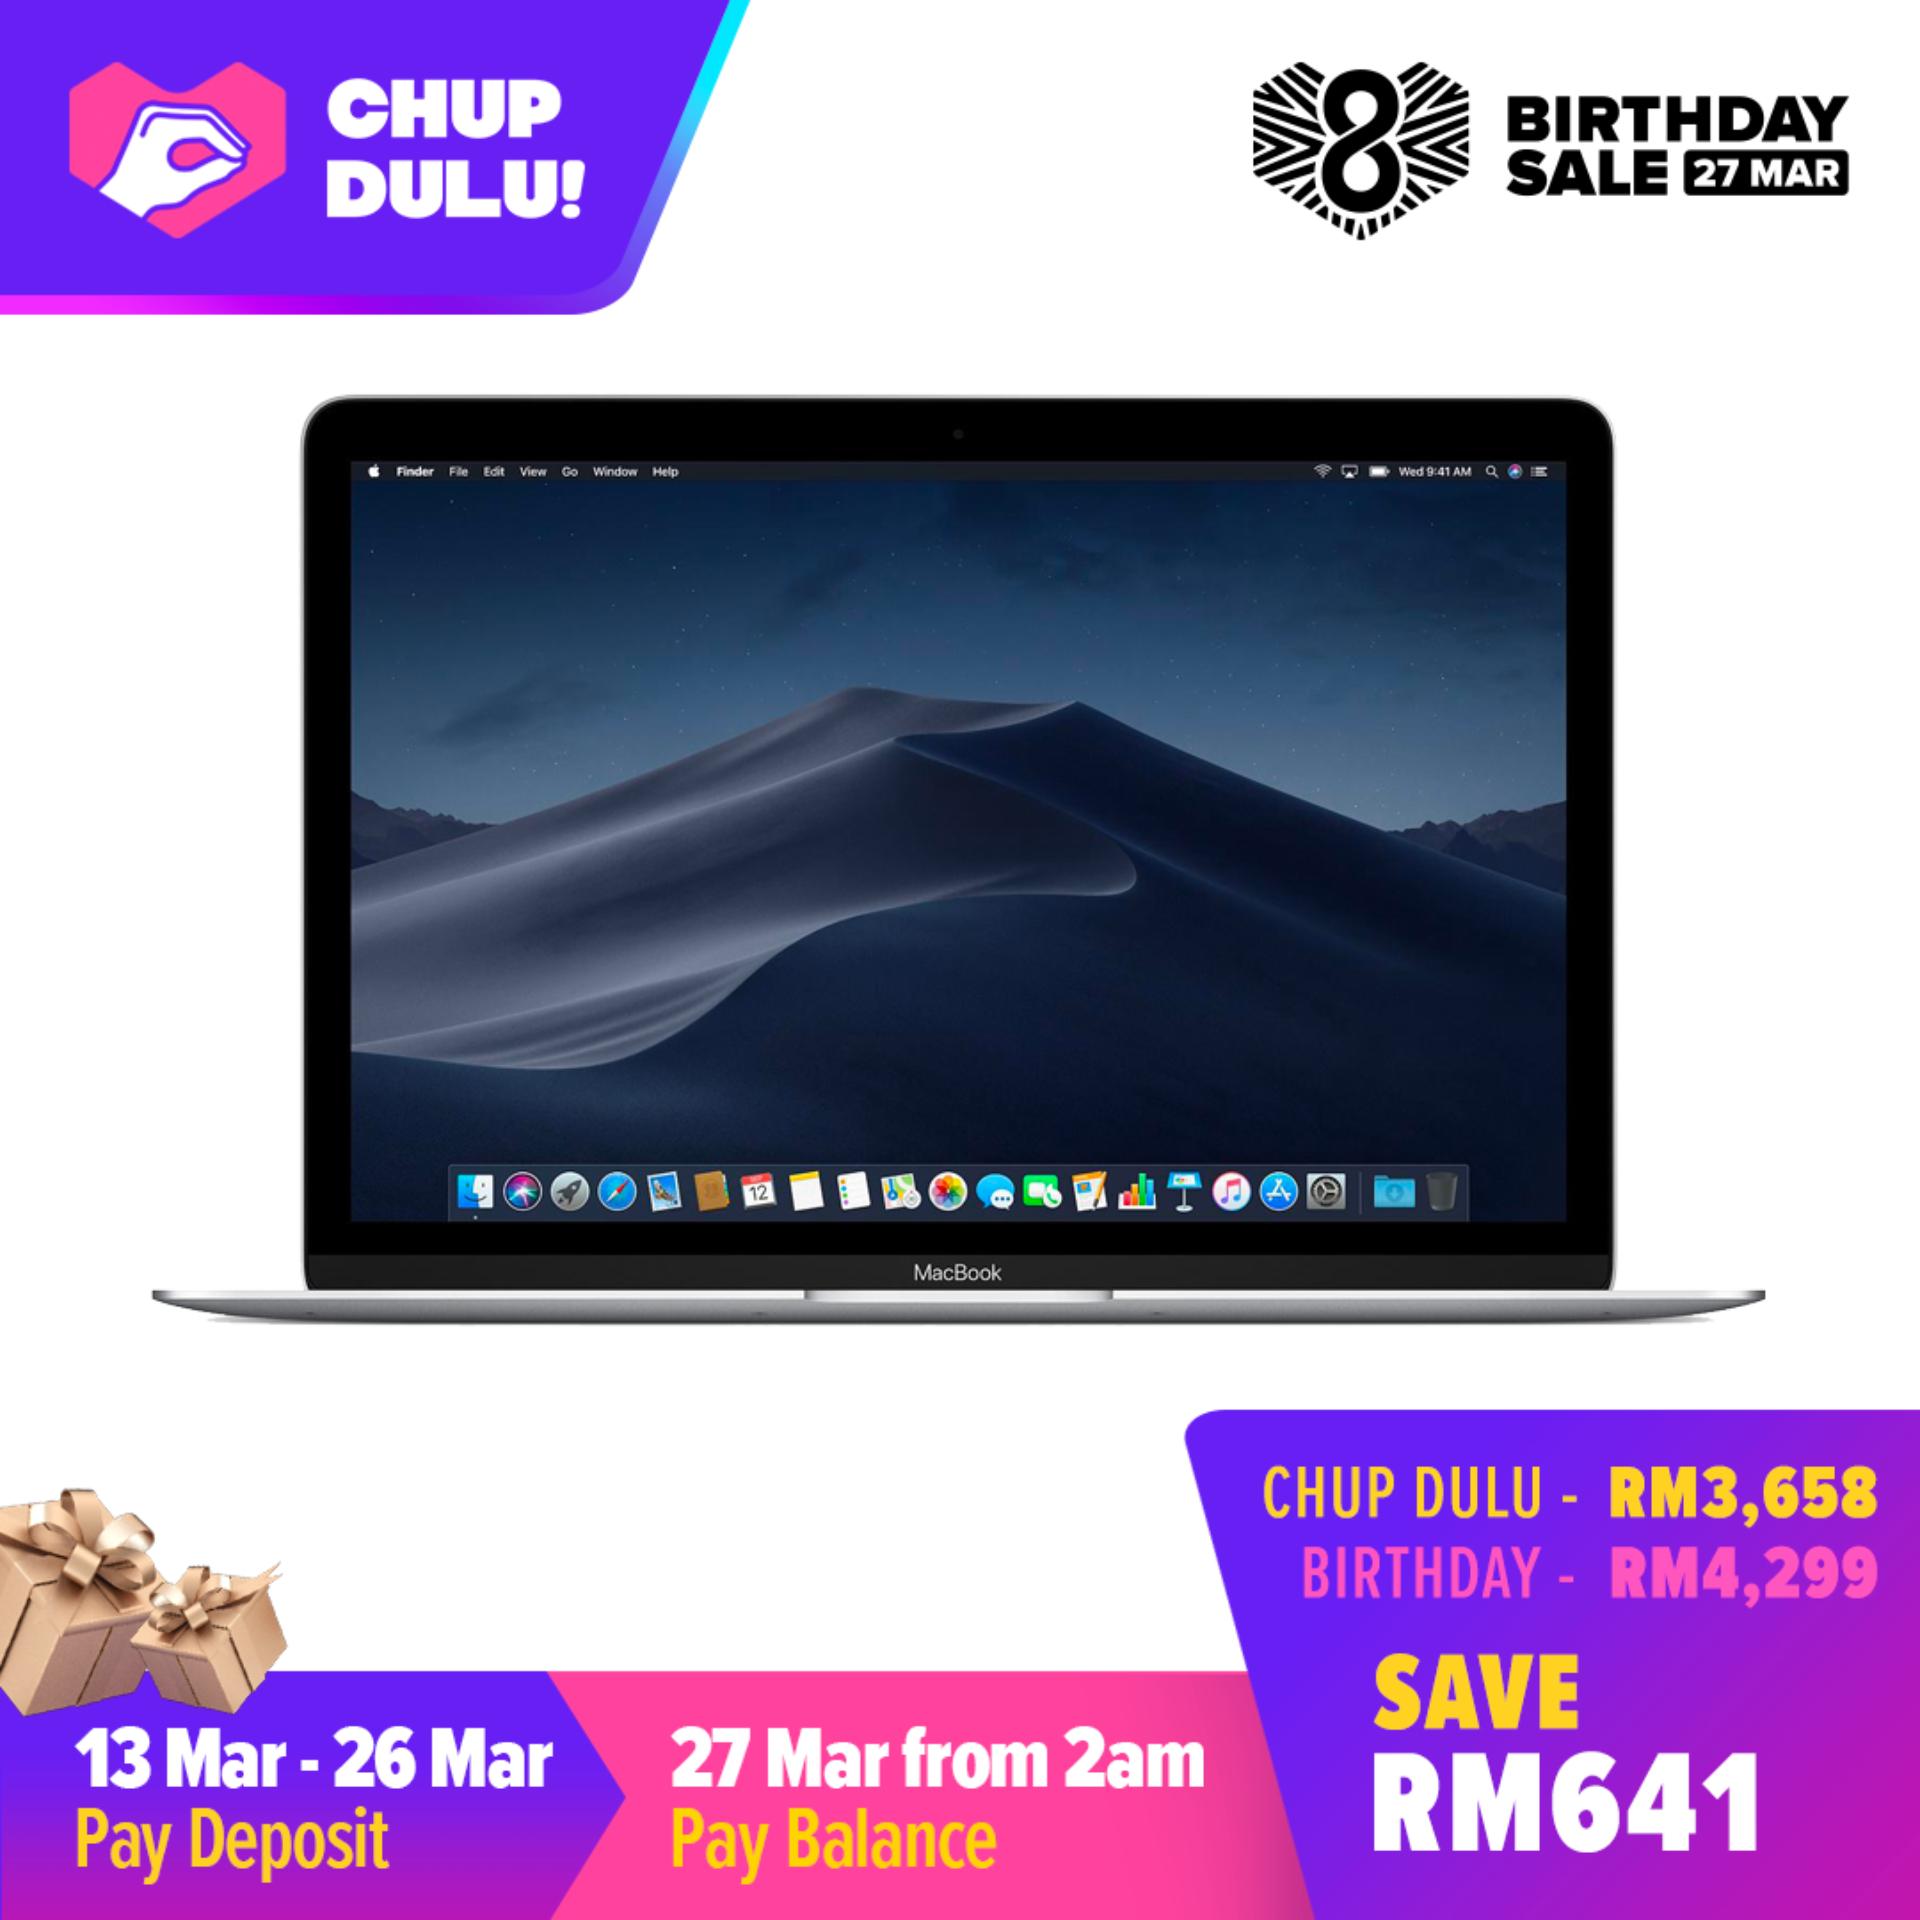 [CHUP DULU] Apple 12-inch MacBook, Free Shipping Malaysia